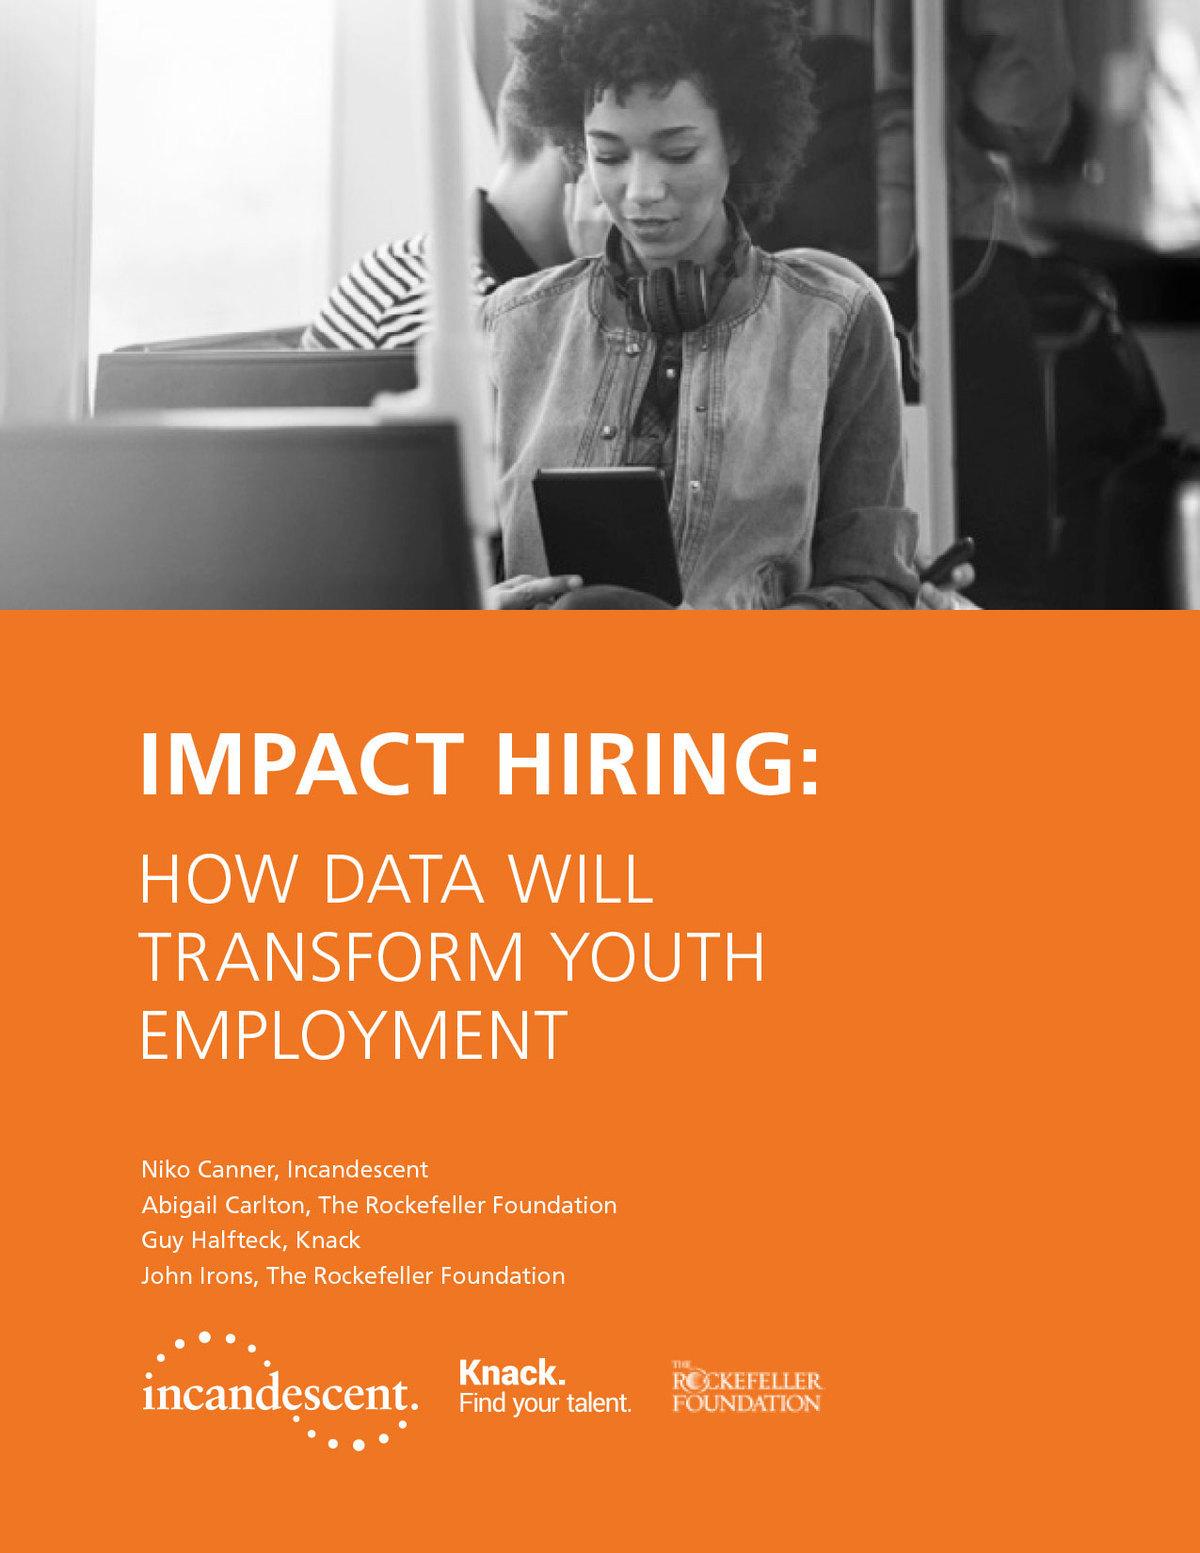 impact hiring